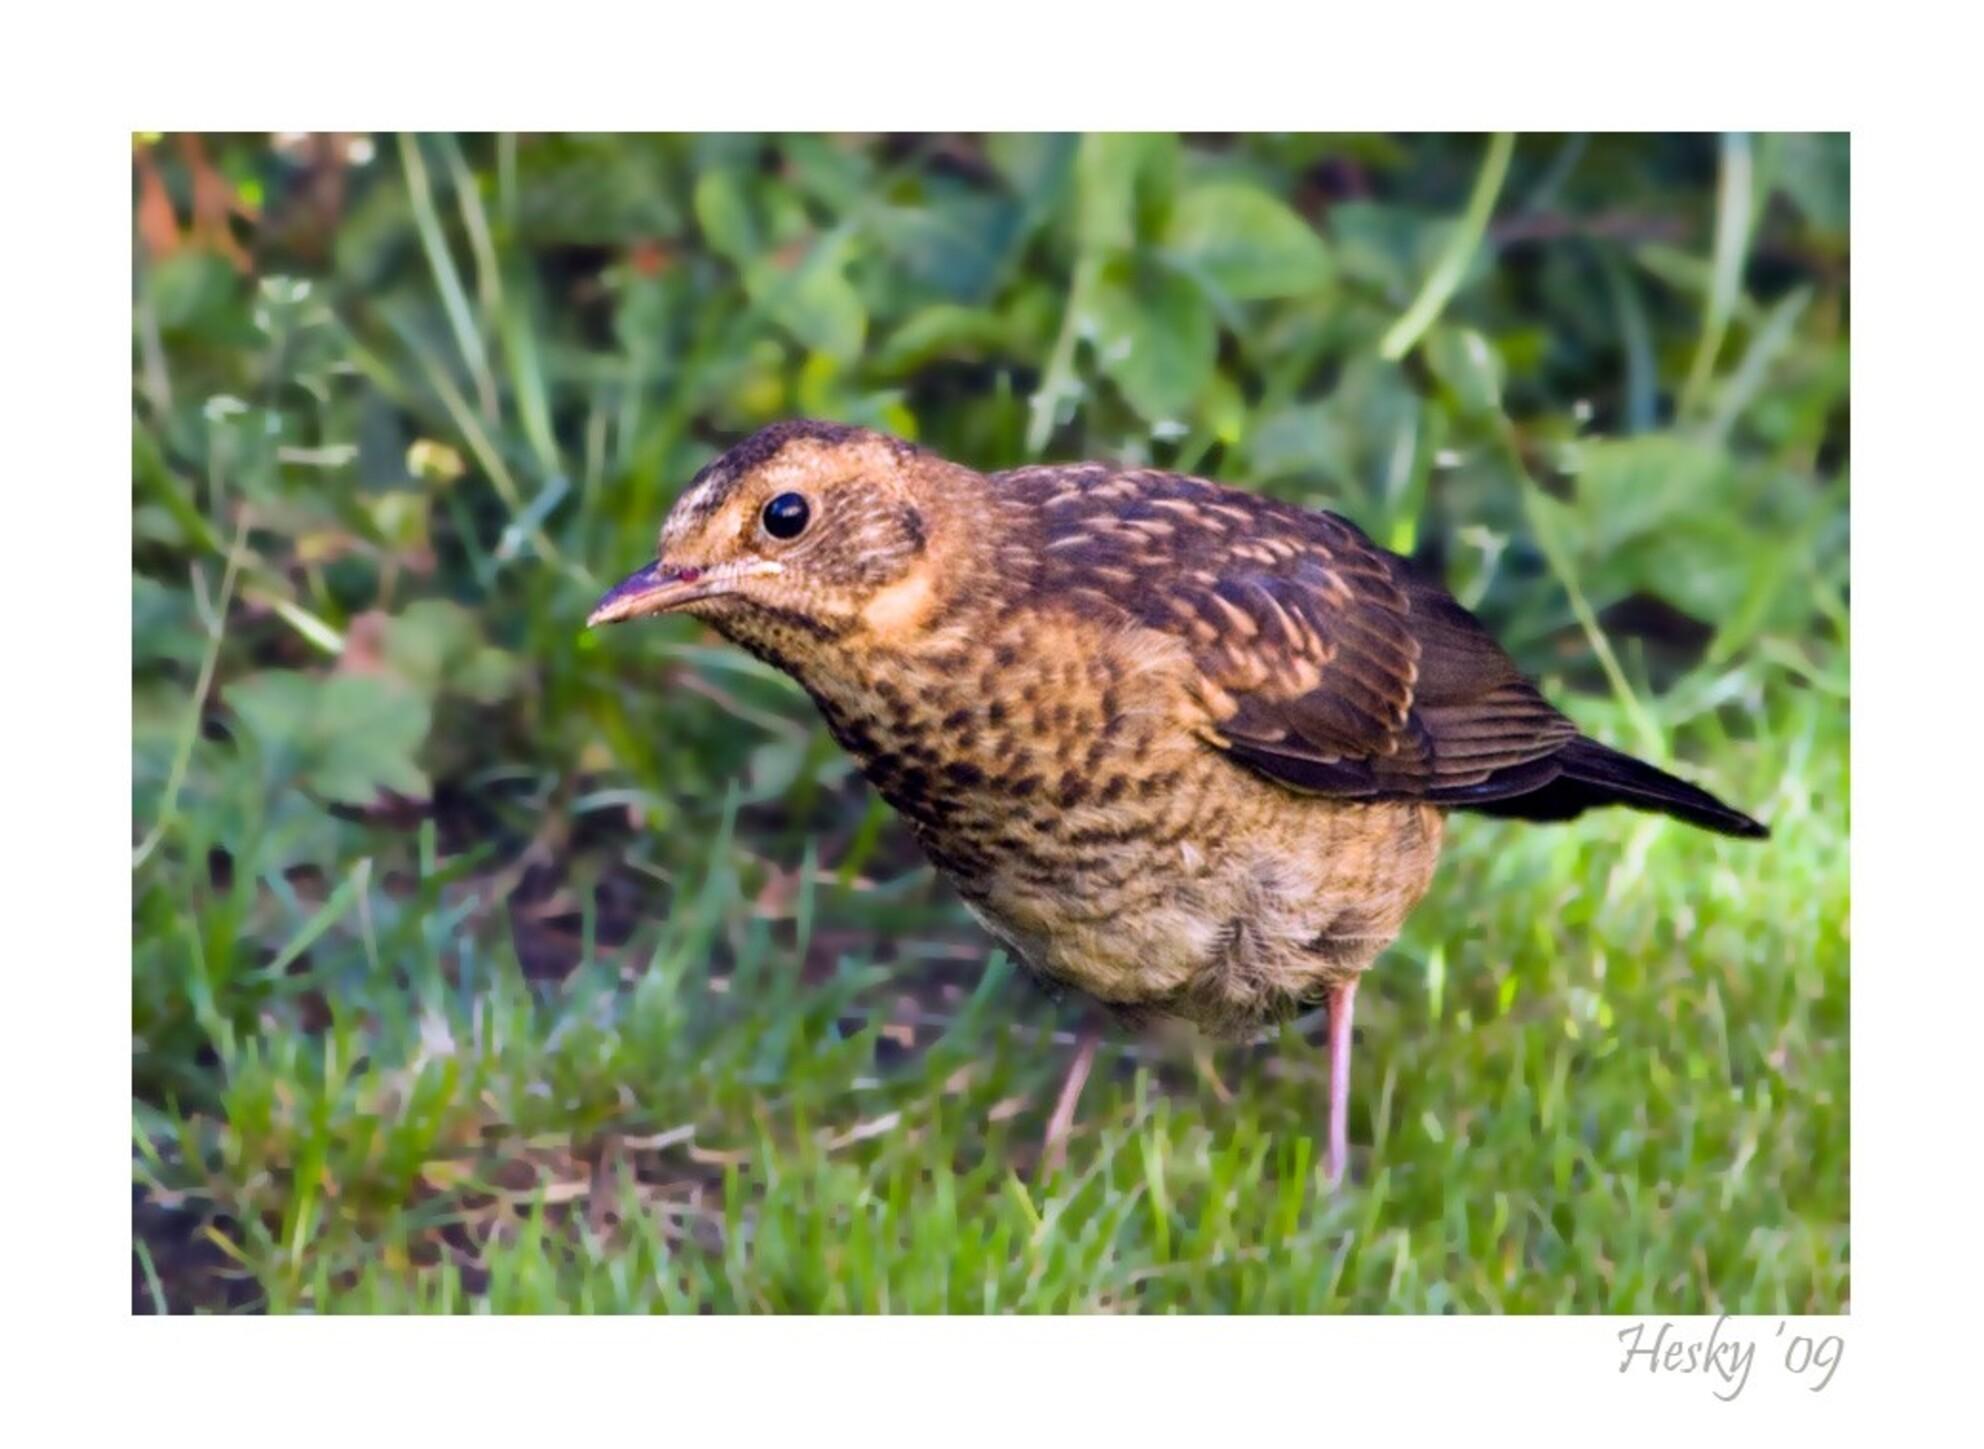 jonge merel - in de tuin - foto door 5hesky6 op 12-07-2009 - deze foto bevat: merel, tuin, vogel, jong - Deze foto mag gebruikt worden in een Zoom.nl publicatie